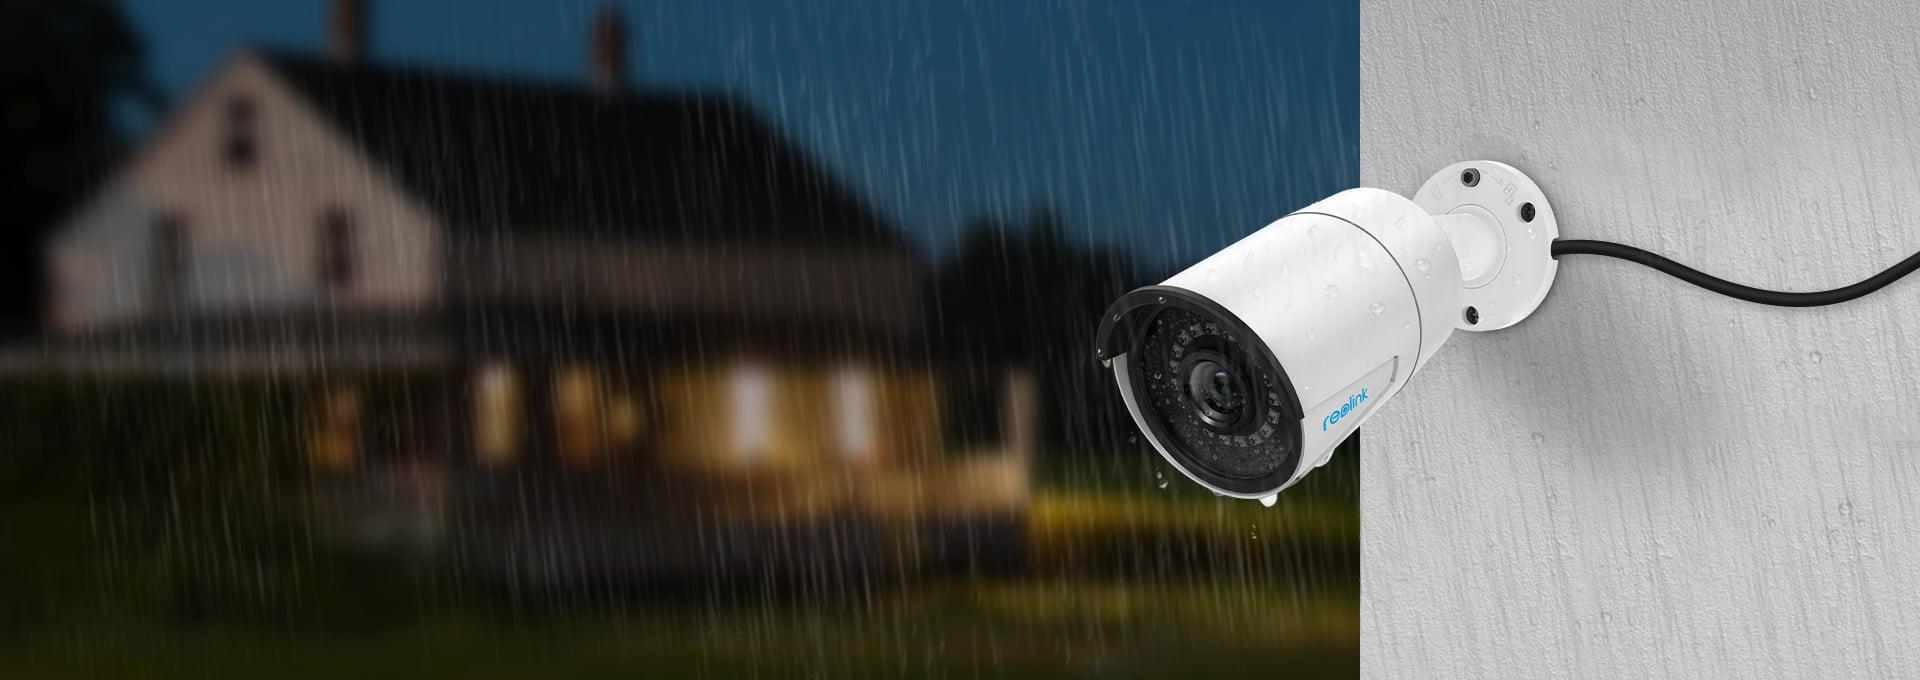 Wetterfestes Kamerasystem für Außenbereich